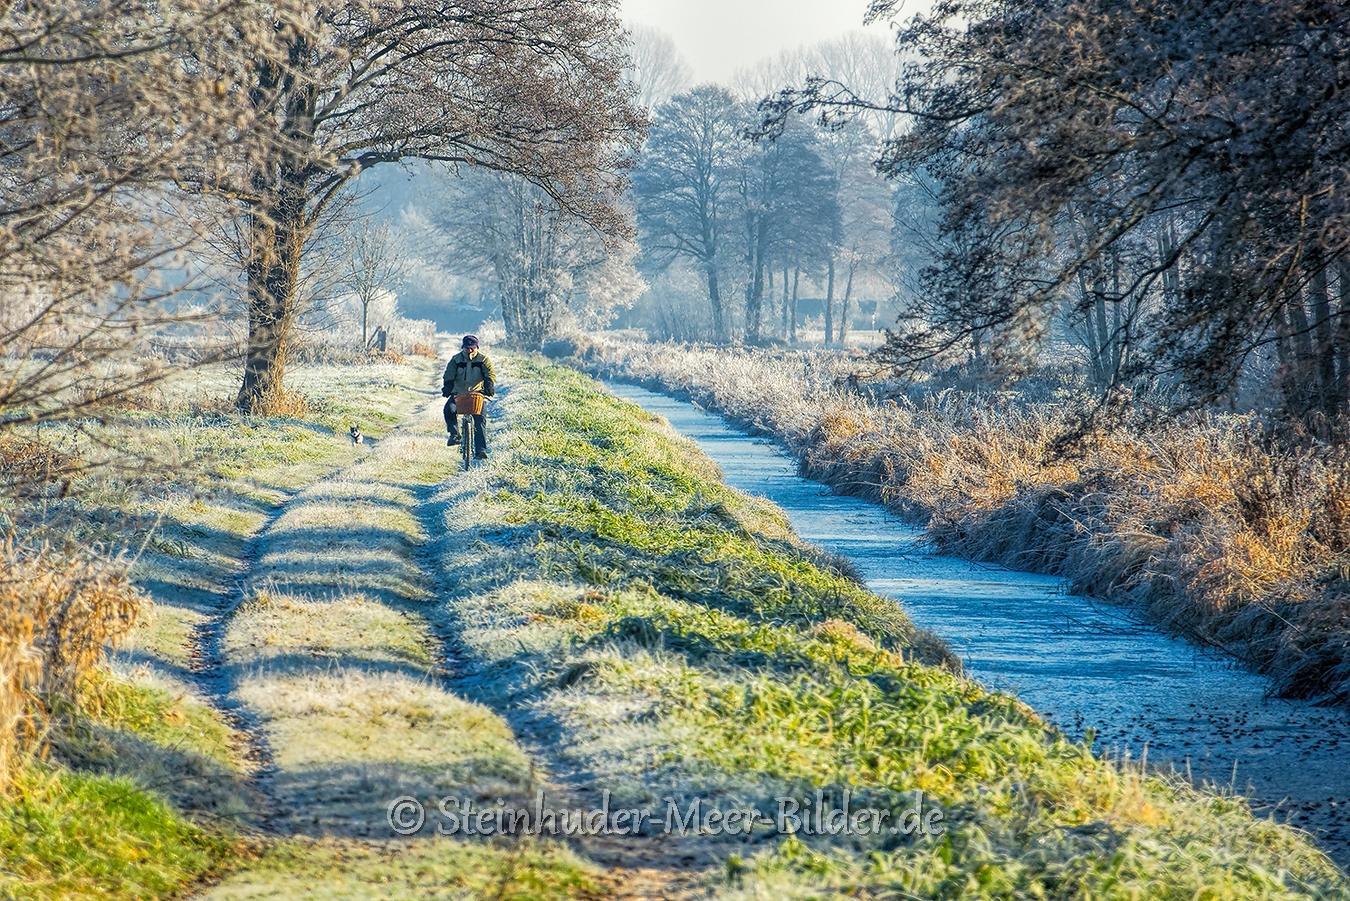 hagenburg--winter-steinhuder-meer-eis-schnee-zugefroren-eisdecke-naturpark-naturraum-region-RX_00458